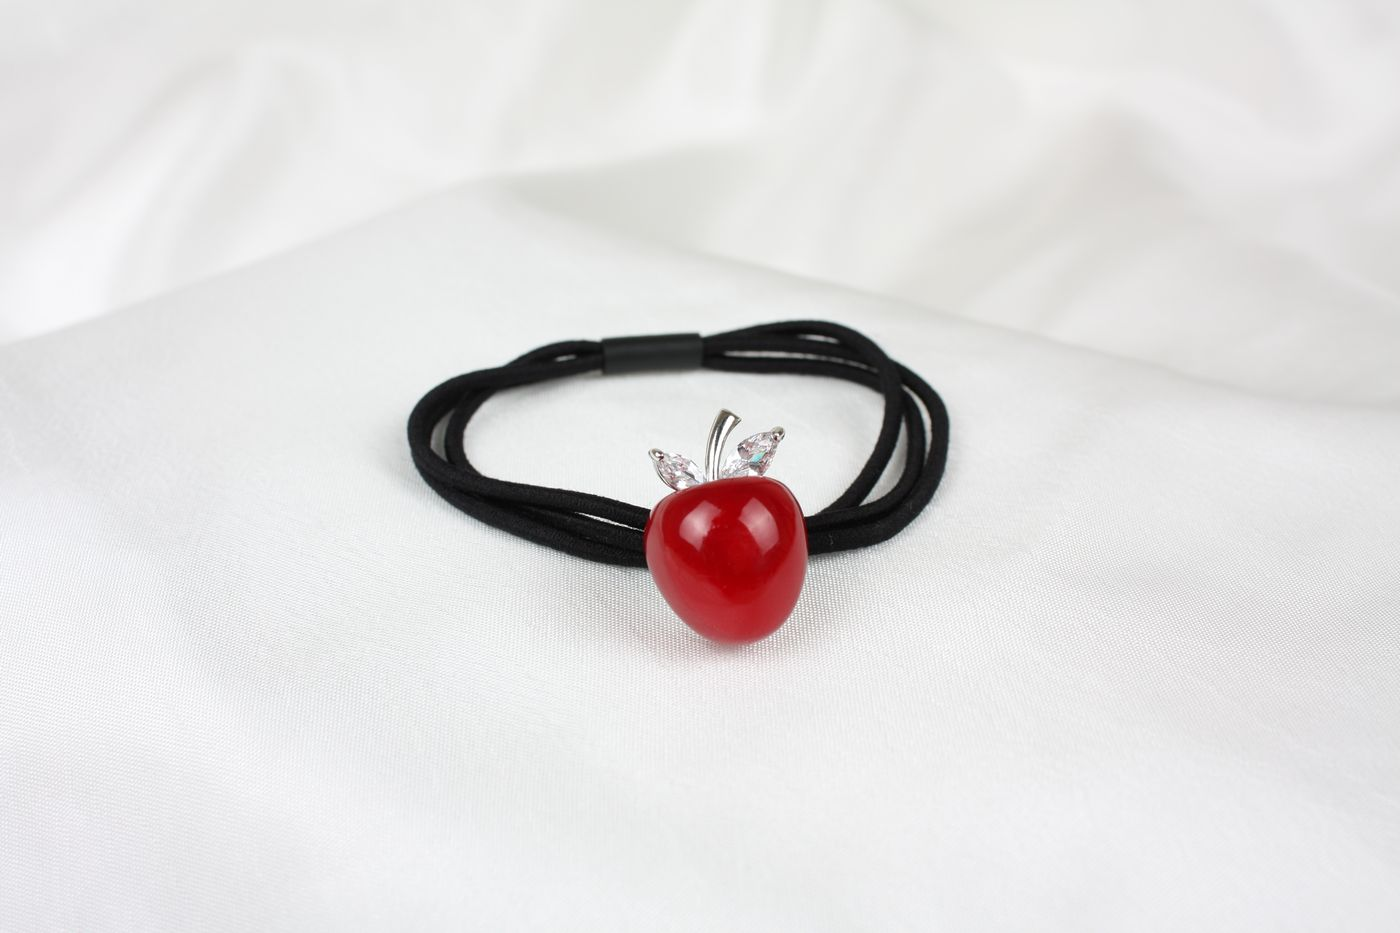 Hårsnodd rött äpple 240fe4958e0de